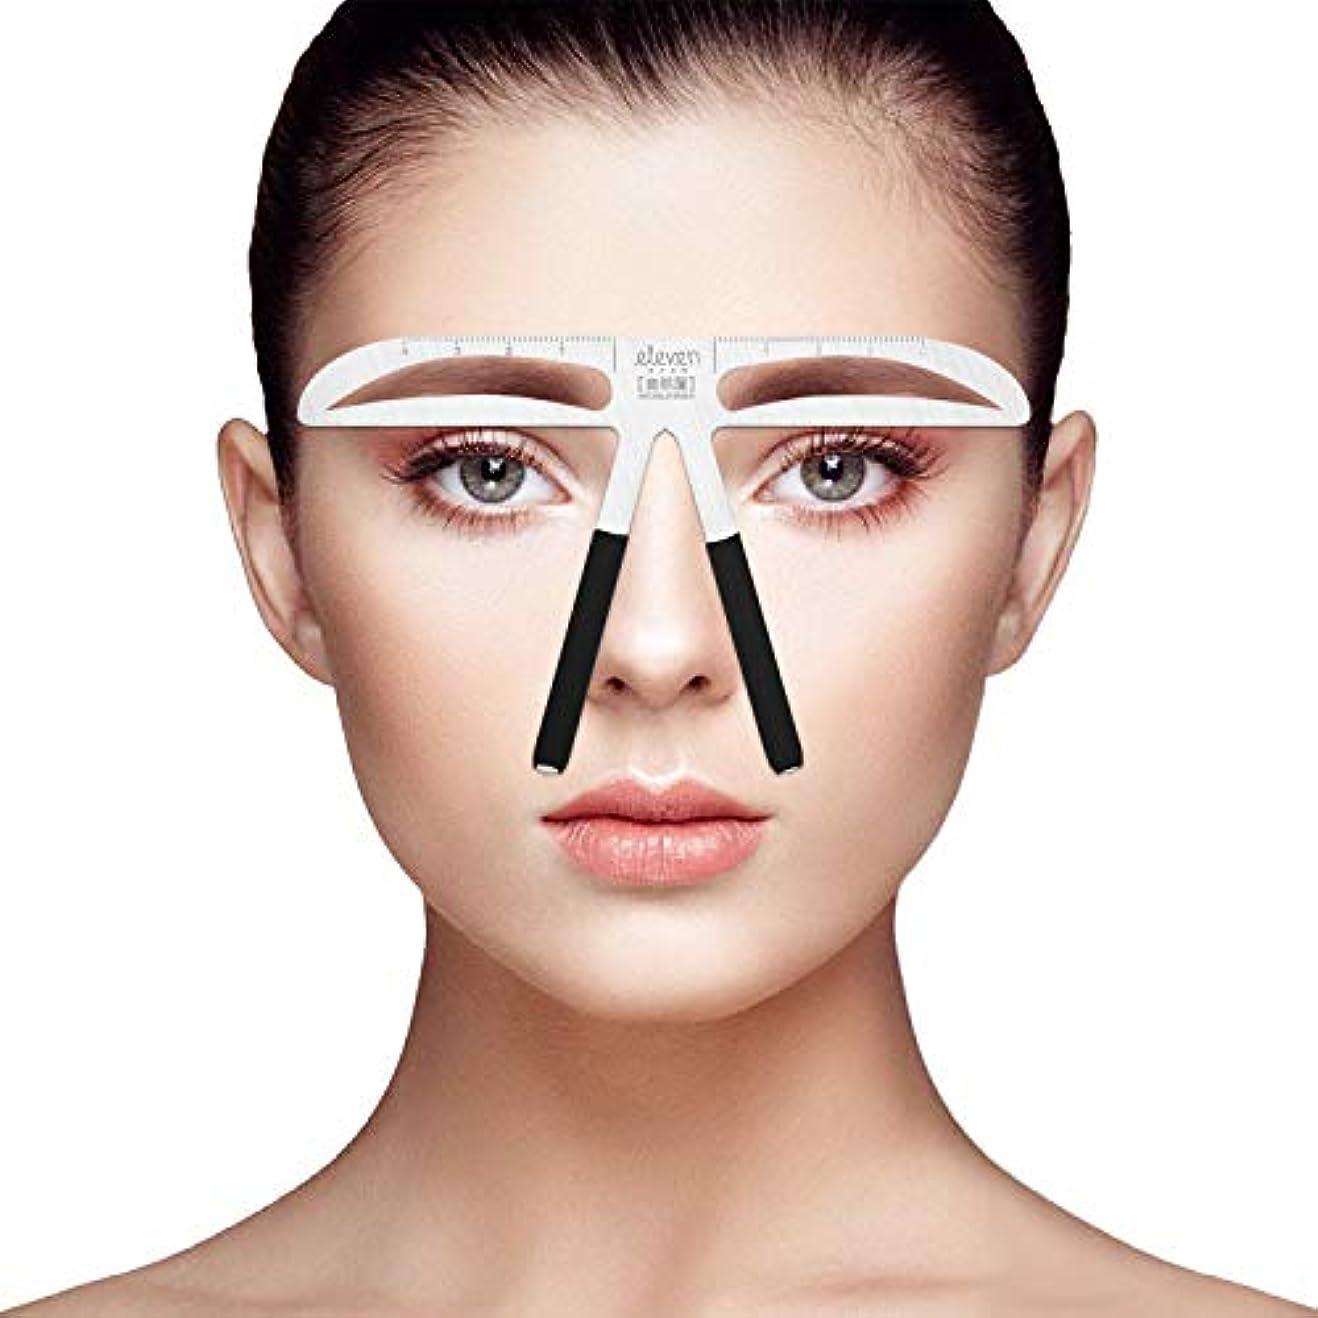 プレゼンバケット劣るELEVEN EVER眉毛の定規DIYの美しさの眉のテンプレート(自然)